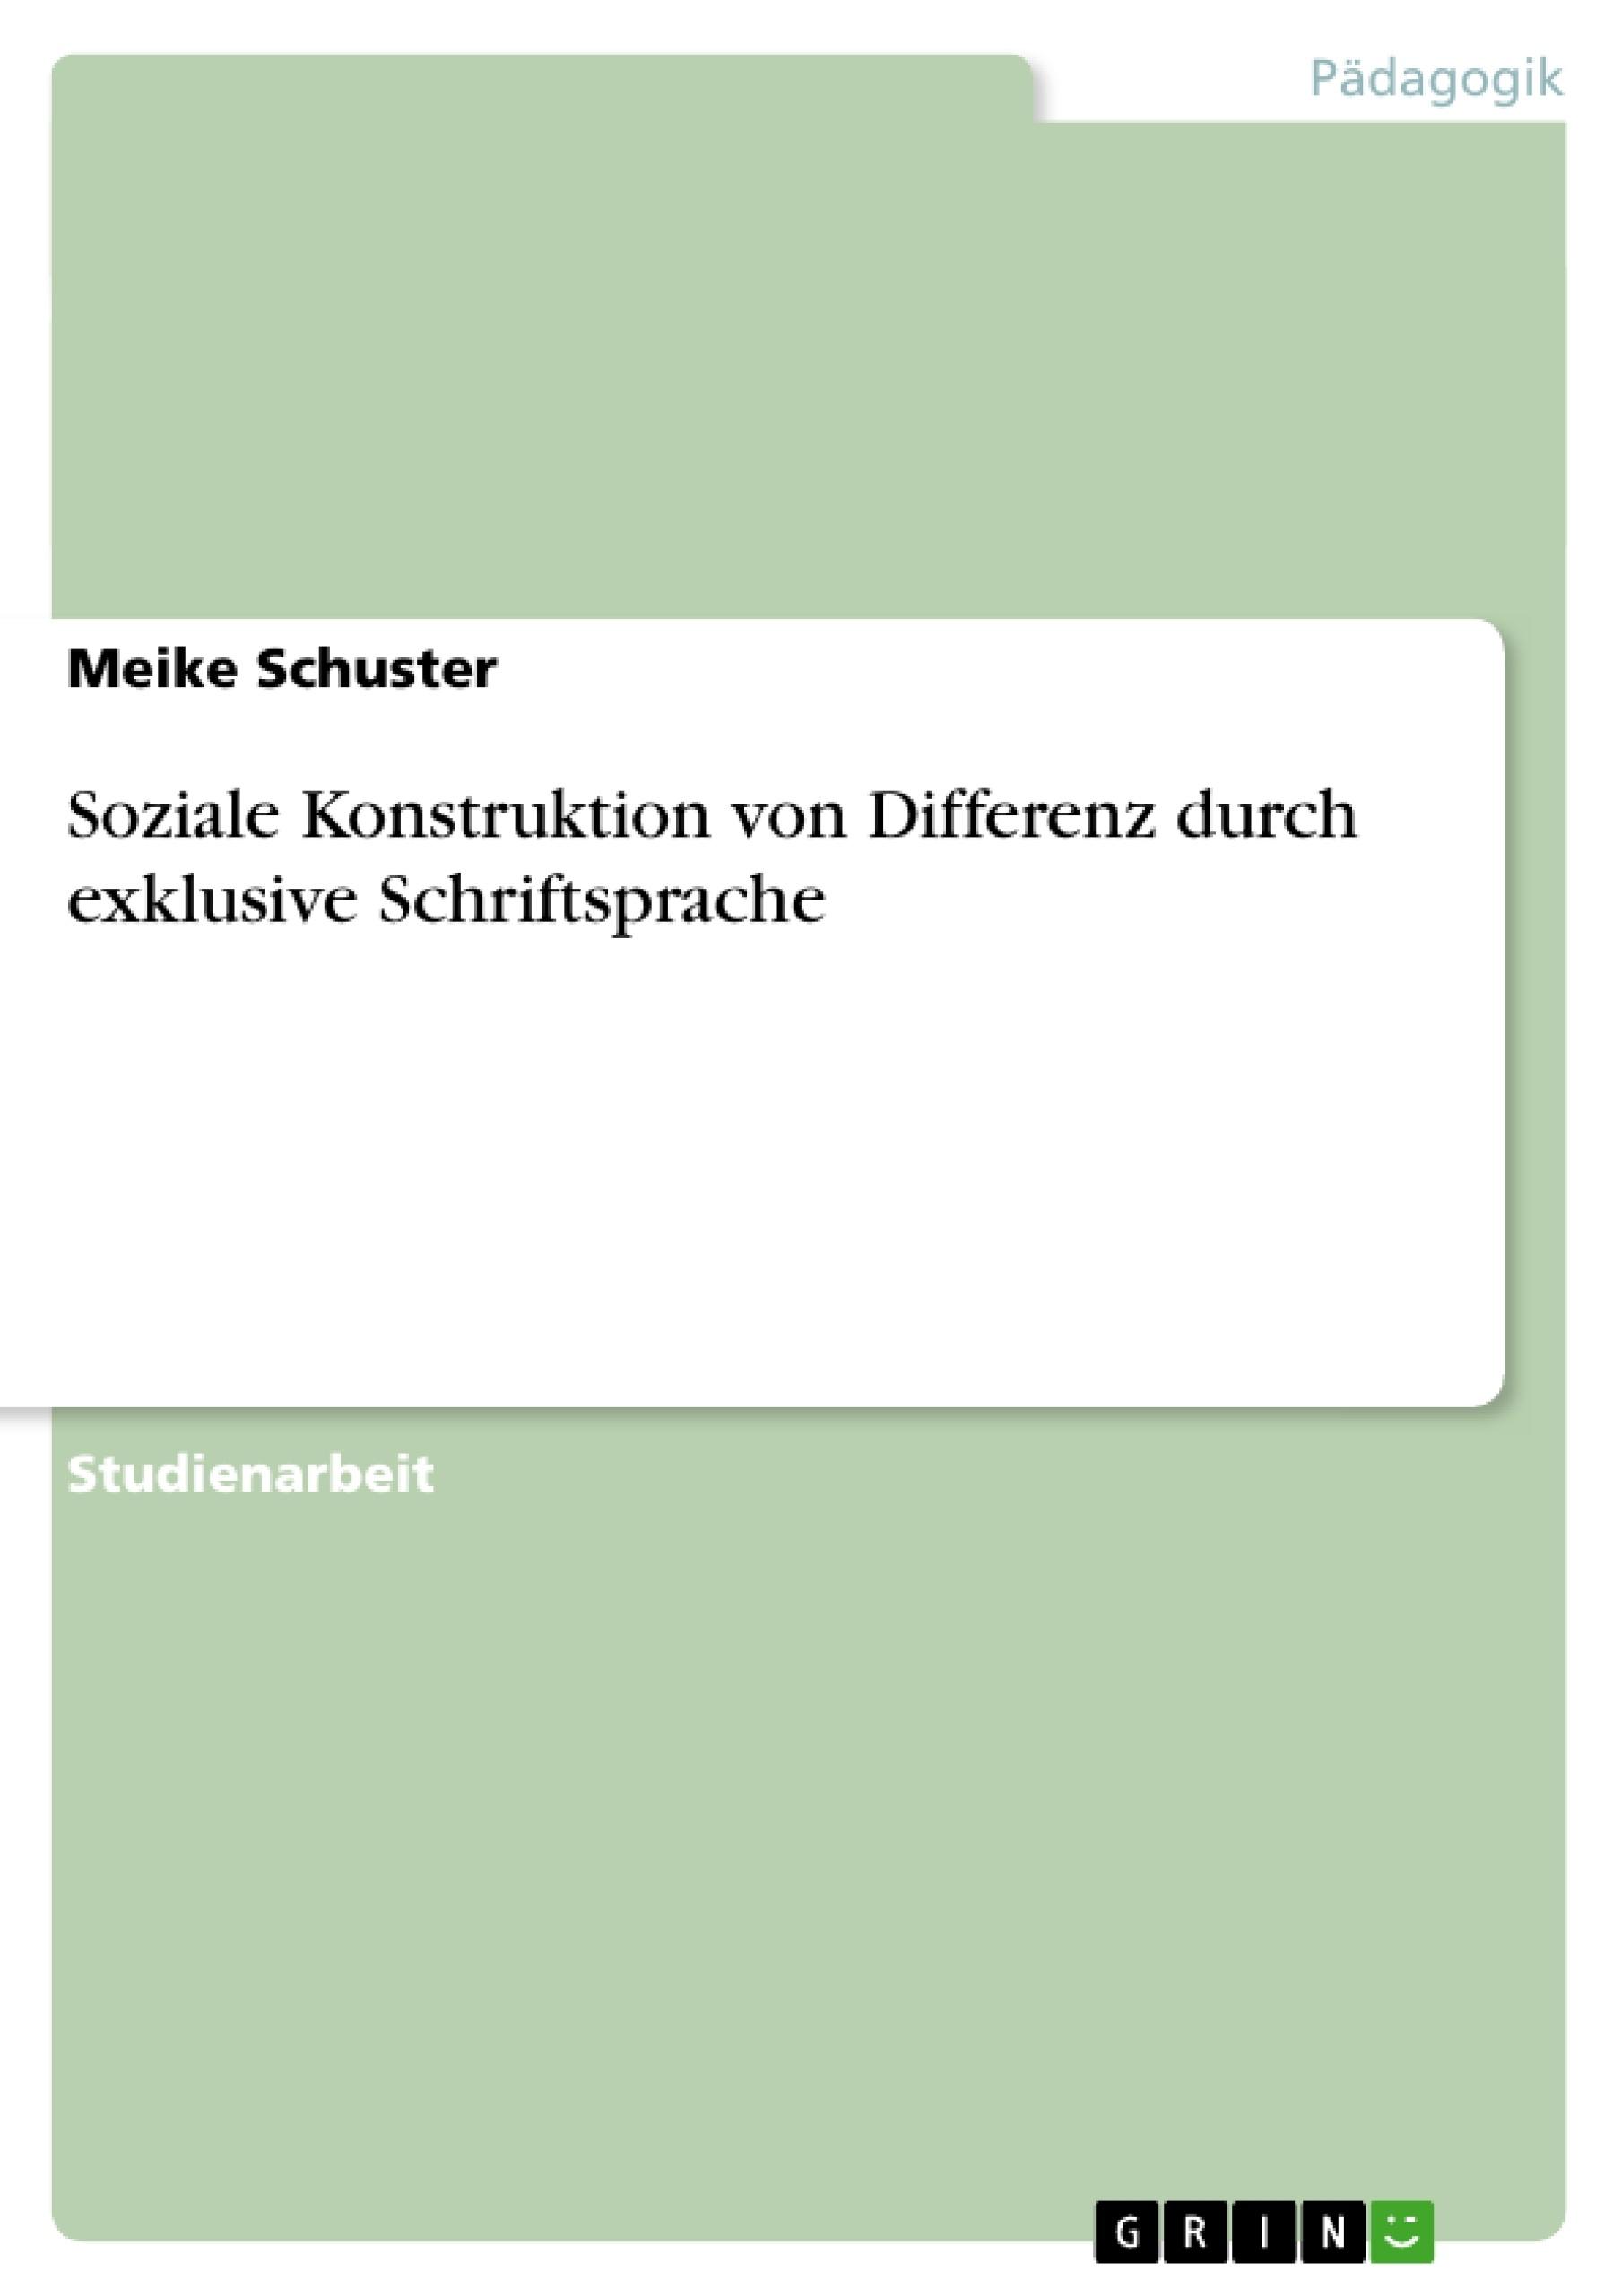 Titel: Soziale Konstruktion von Differenz durch exklusive Schriftsprache